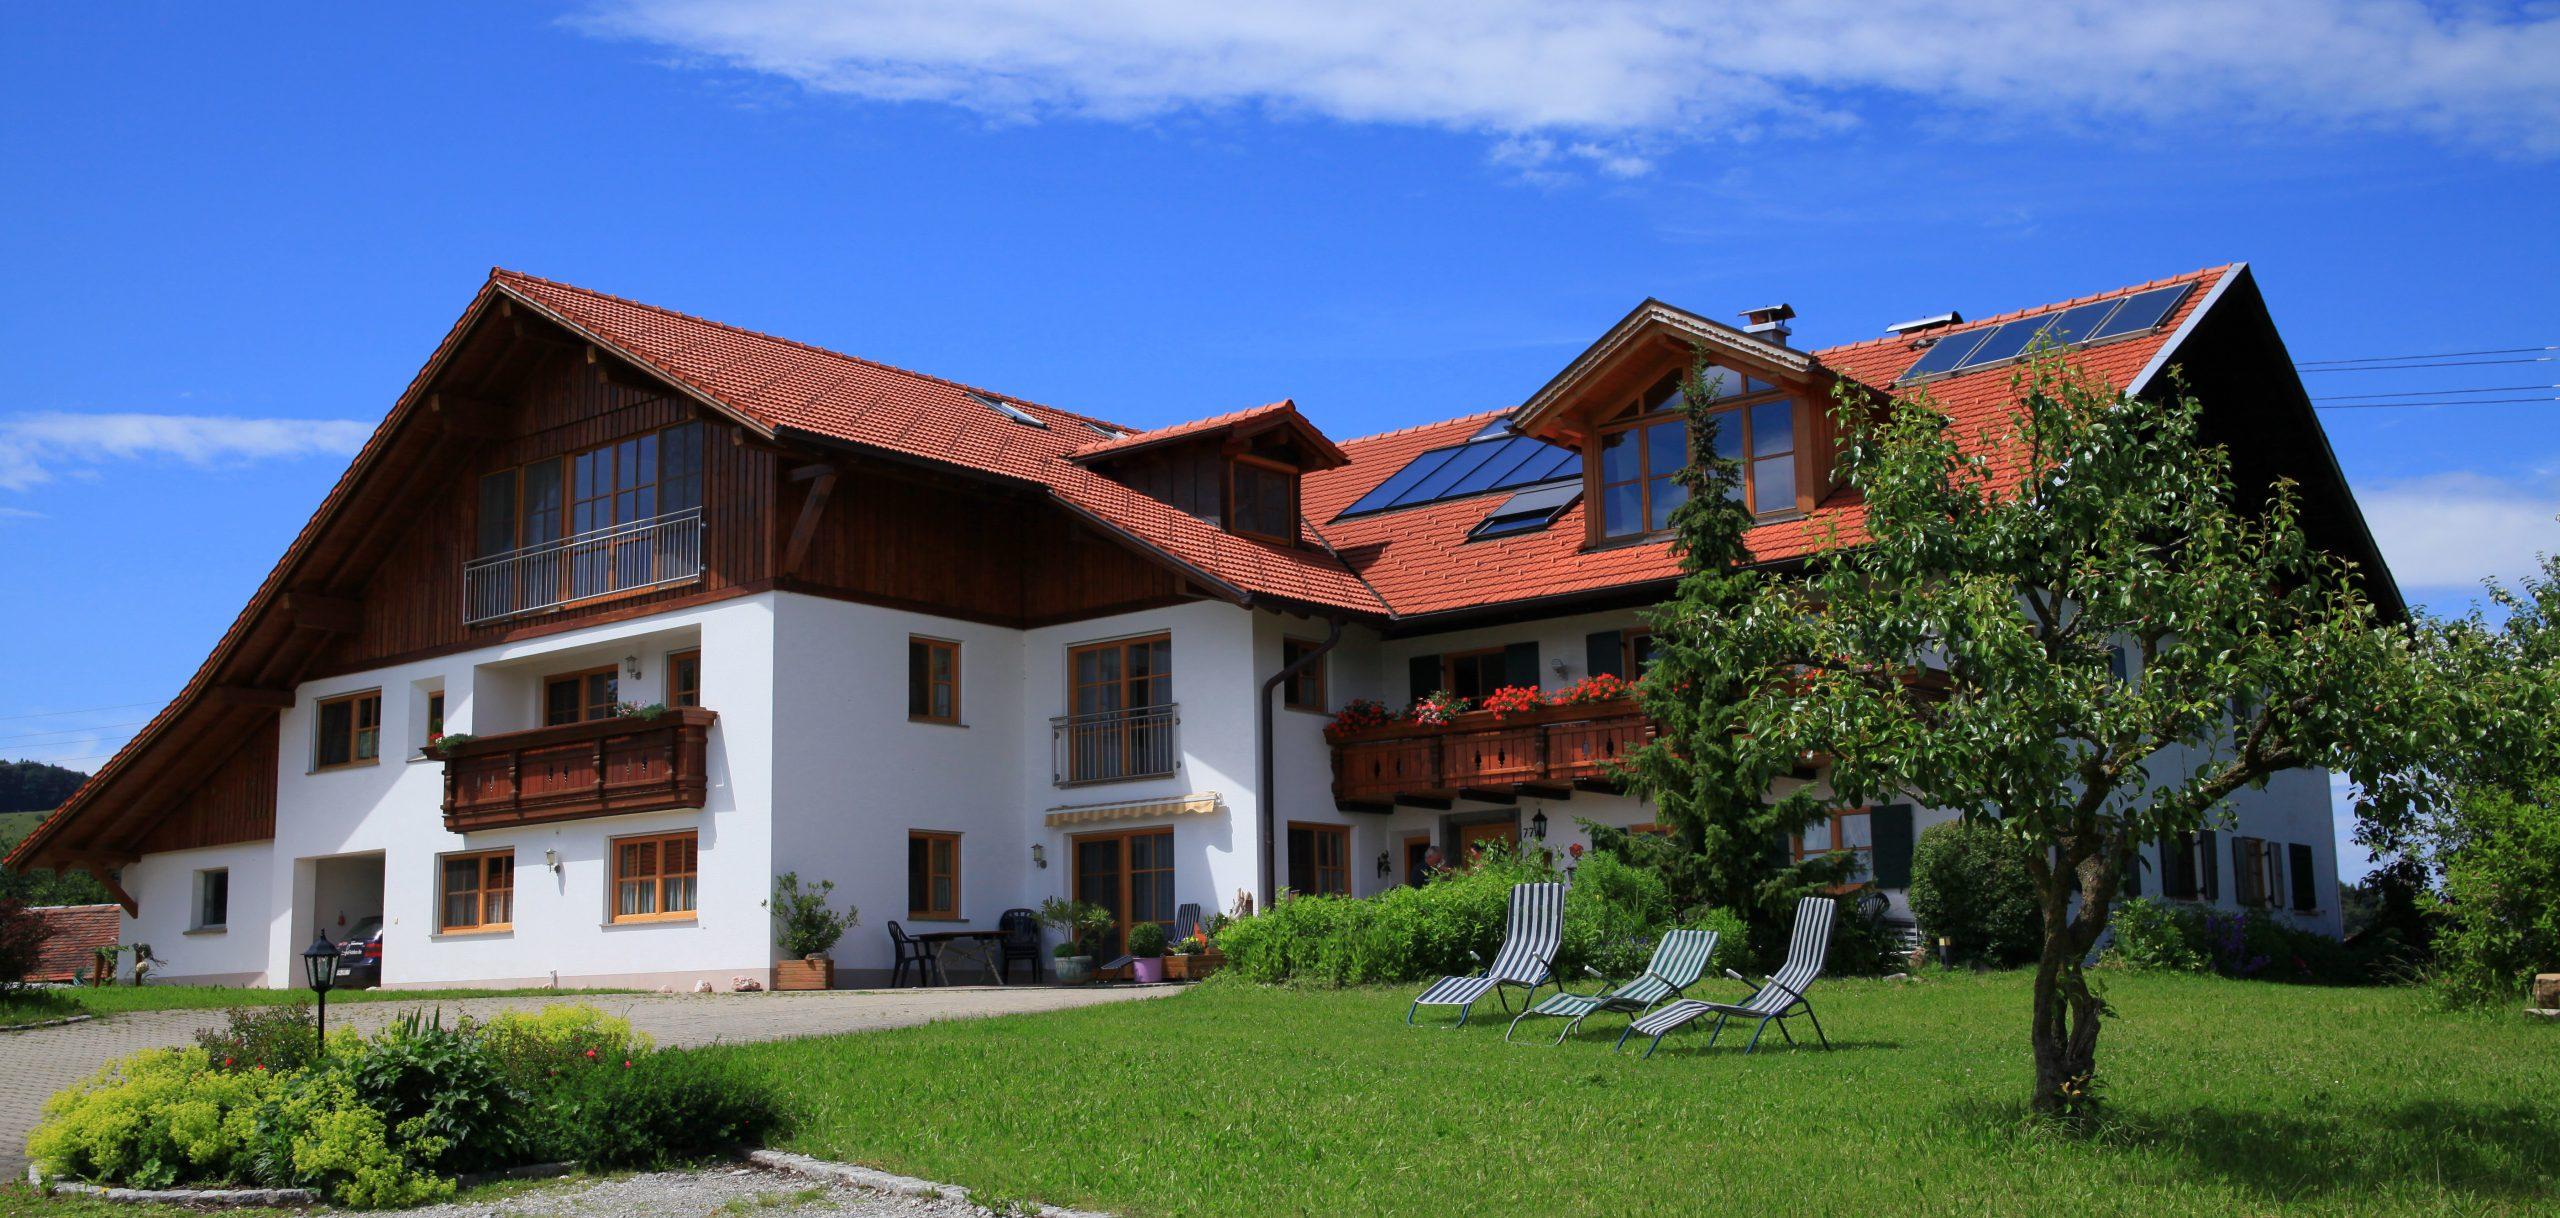 das Bauernhaus der Familie Kinker ist typisch Allgäu. Fügt sich wunderbar in die Landschaft hinein.